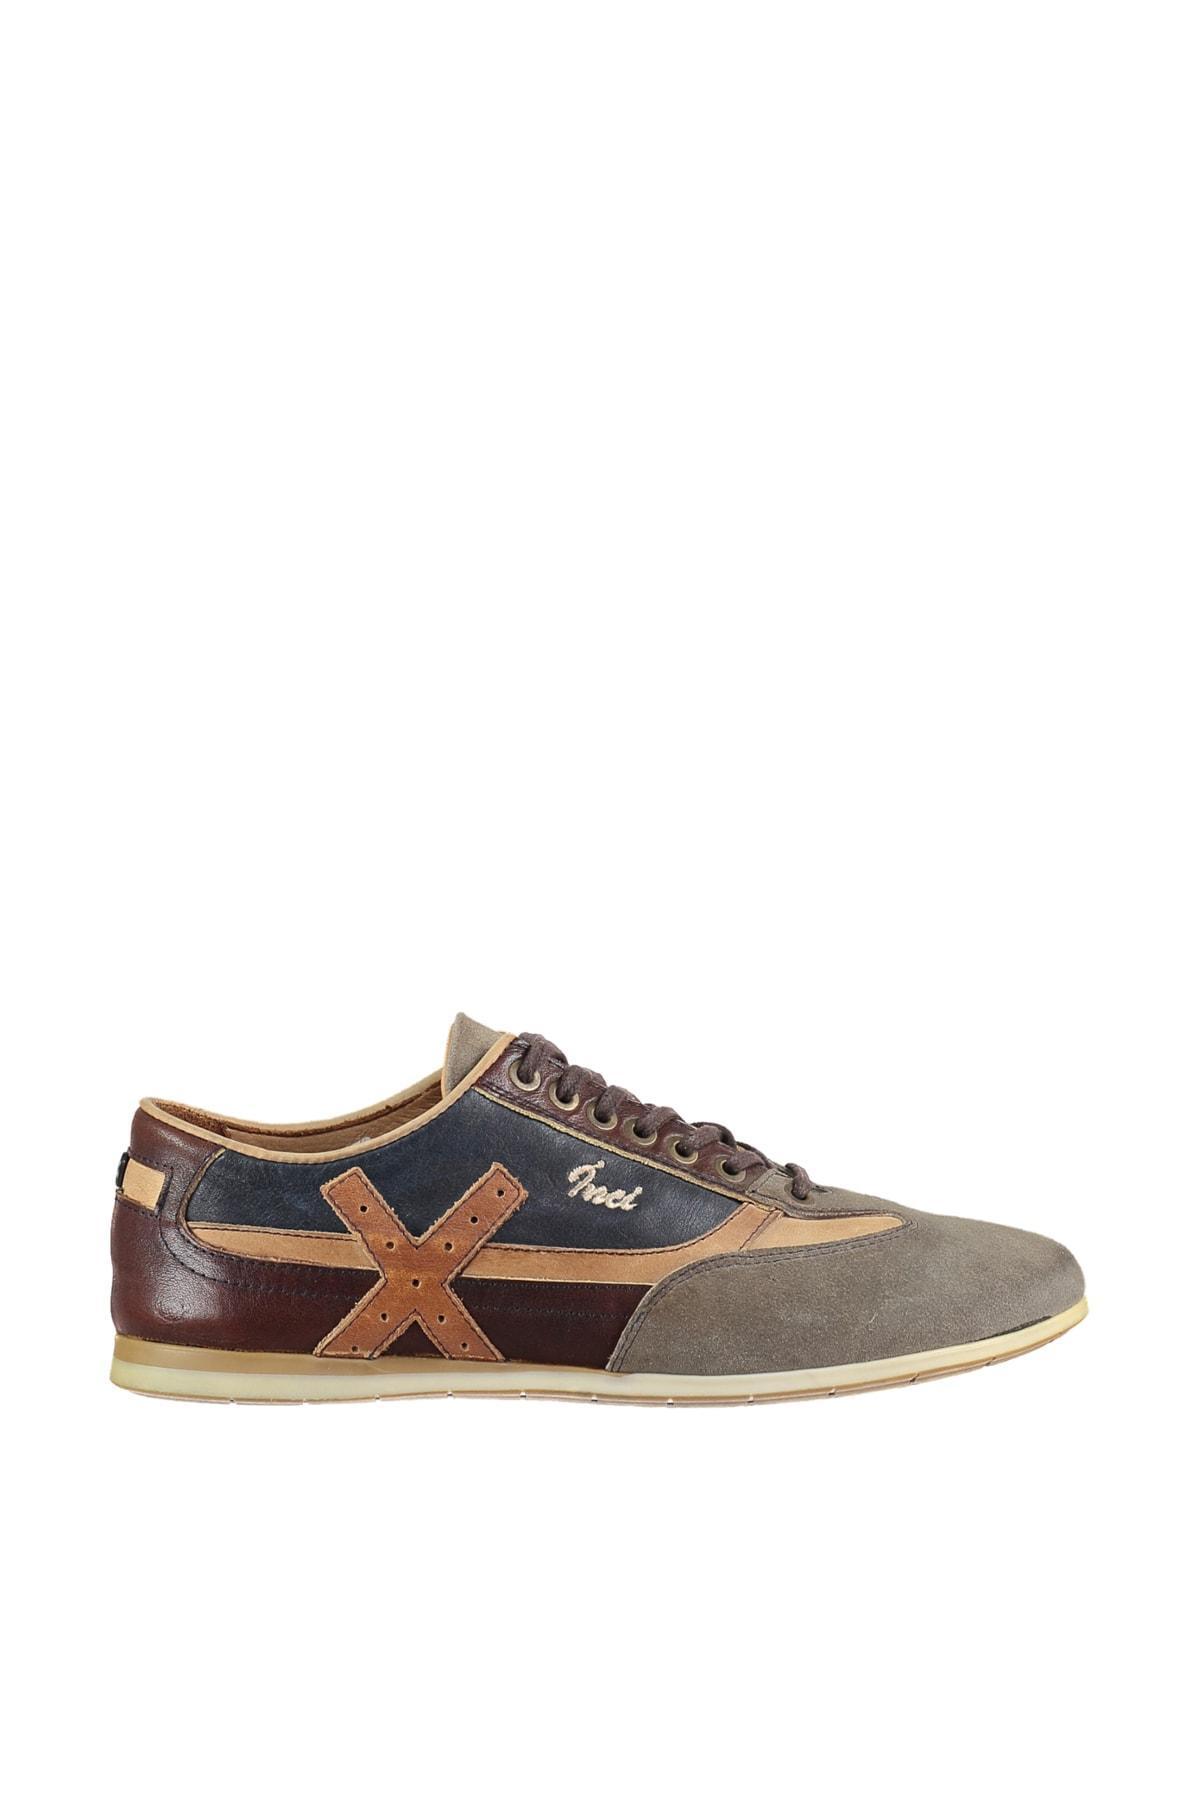 Perle en cuir véritable Beige Chaussures « S Hommes 120116396720